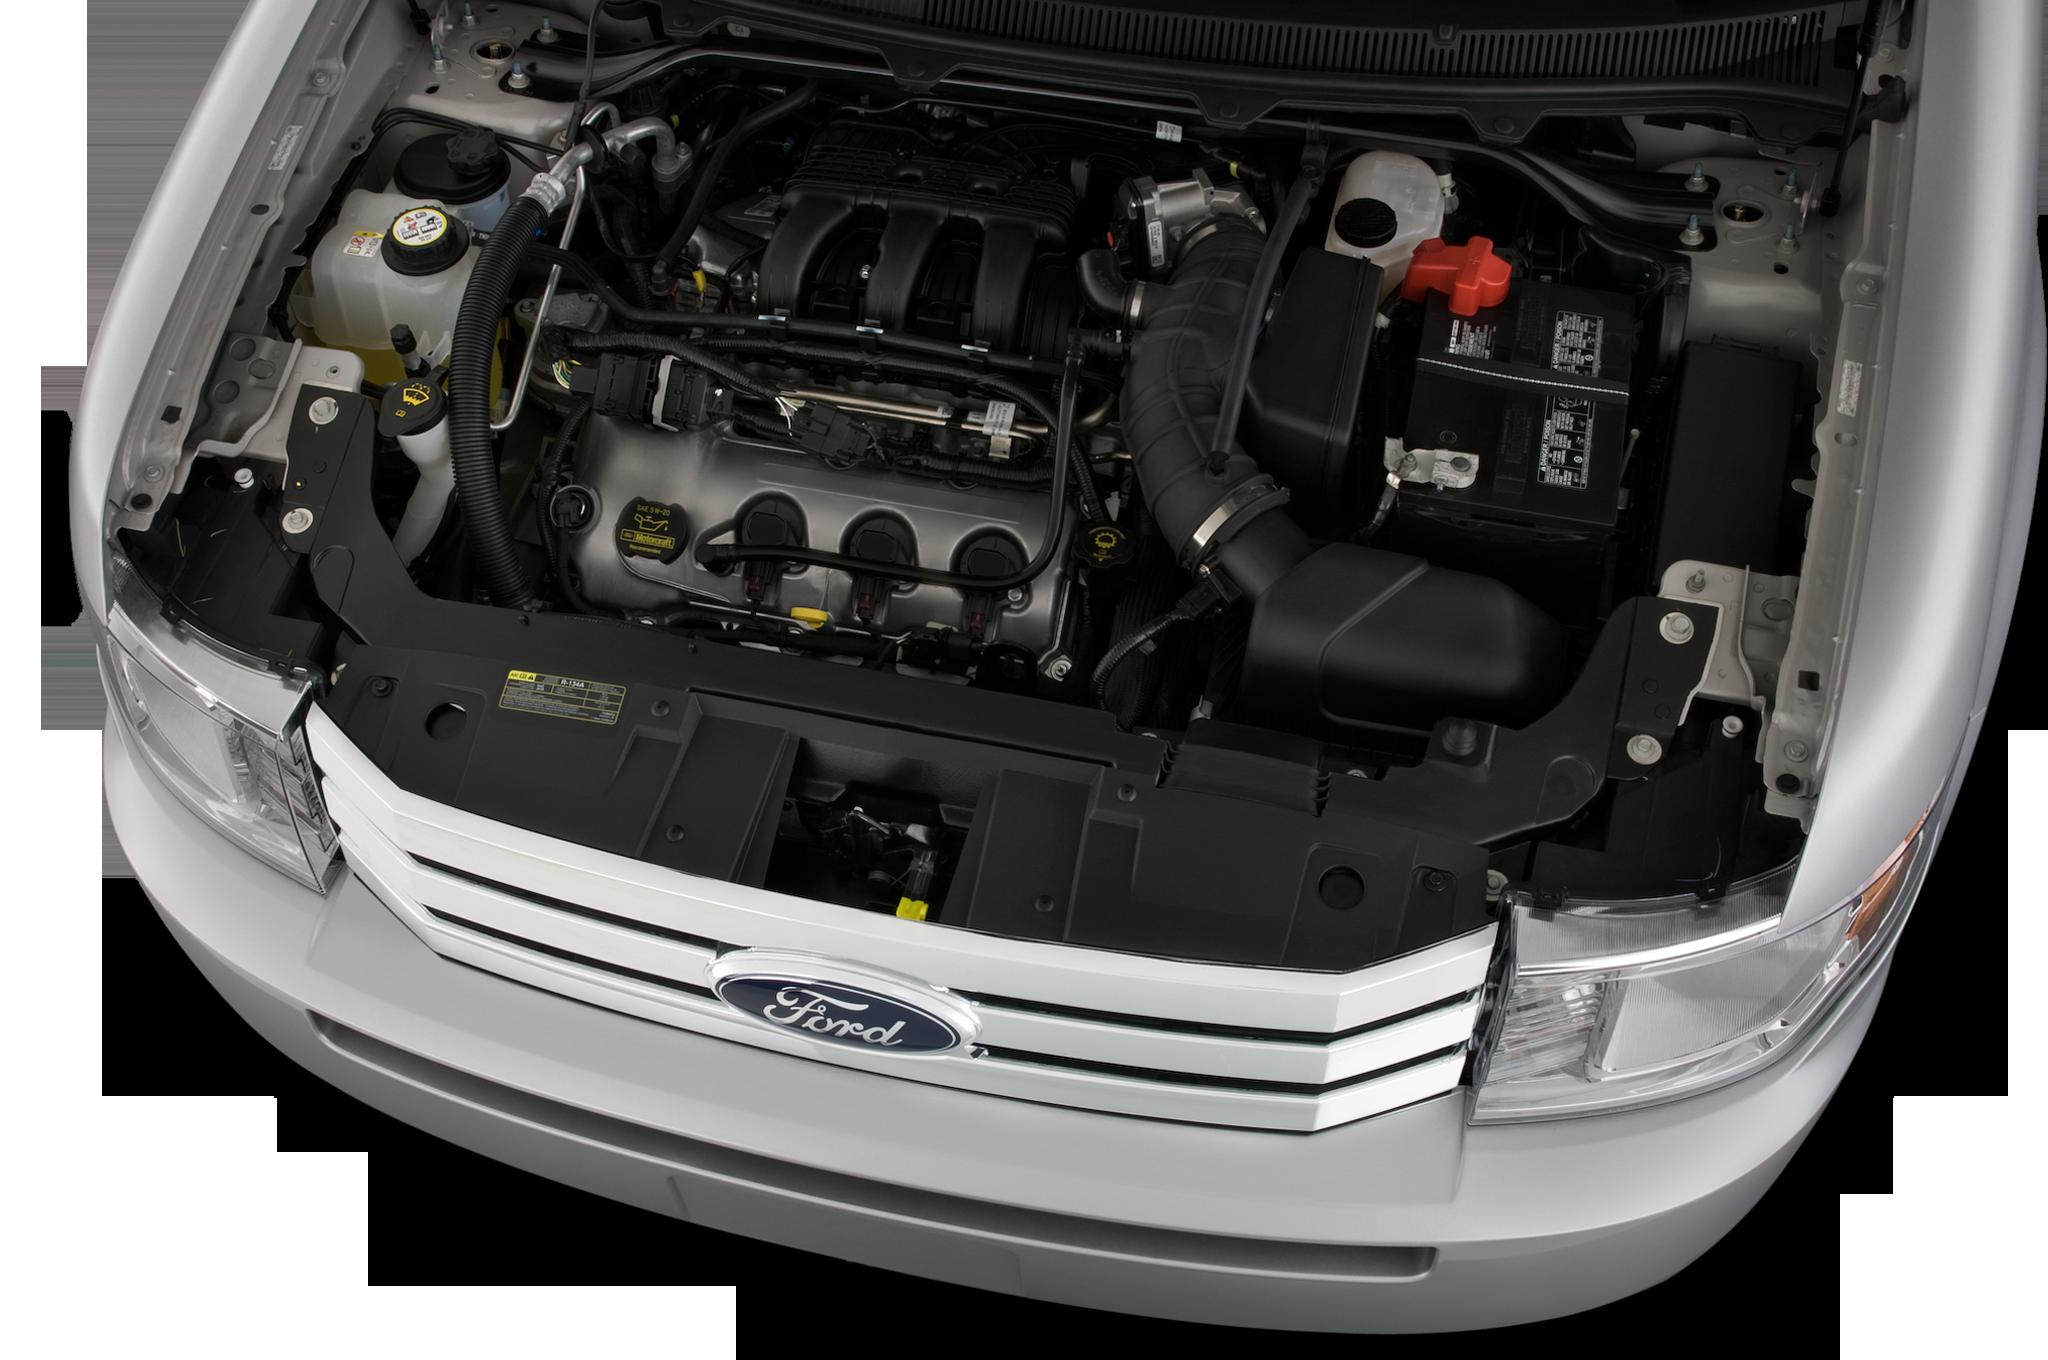 2011 2015 ford 6 7 sel winnipeg engine 2011 free engine for Ole ben franklin motors